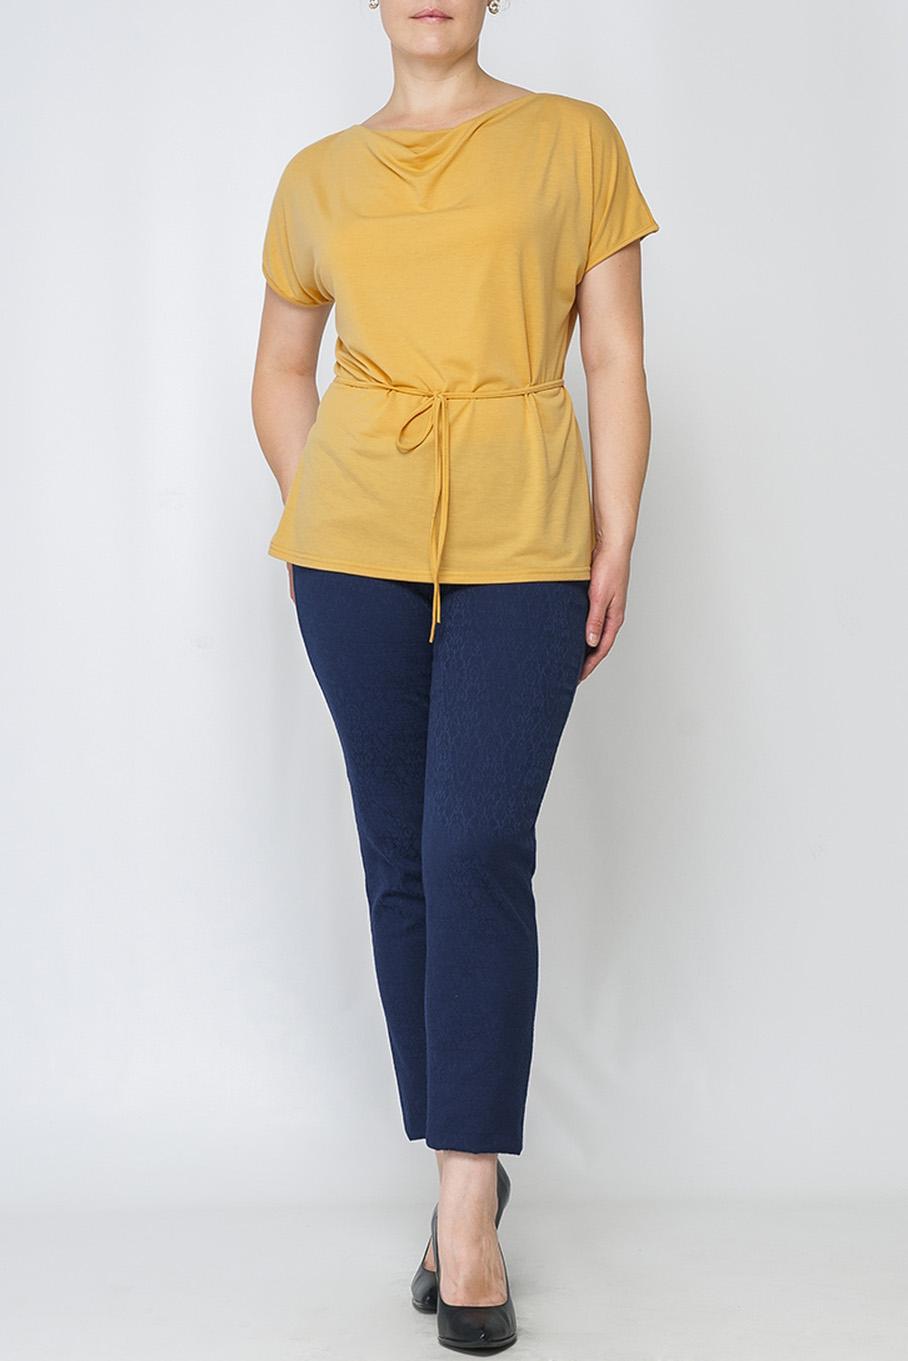 БлузкаБлузки<br>Элегантная женская блуза. Модель полуприлегающего силуэта из легкого трикотажного материала, имеет круглый вырез горловины с небольшой драпировкой ткани и короткие свободные рукава.  Блузка без пояса.  Параметры изделия:  44 размер: ширина по линии бедер 98 см, длина изделия 64 см;  52 размер: ширина по линии бедер 114 см, длина изделия 68 см.  Цвет: горчичный  Рост девушки-фотомодели 170 см.<br><br>Горловина: Качель<br>По материалу: Трикотаж<br>По рисунку: Однотонные<br>По сезону: Весна,Зима,Лето,Осень,Всесезон<br>По силуэту: Полуприталенные<br>По стилю: Офисный стиль,Повседневный стиль,Кэжуал,Летний стиль<br>Рукав: Короткий рукав<br>Размер : 46,50,52,56,58,60<br>Материал: Трикотаж<br>Количество в наличии: 6